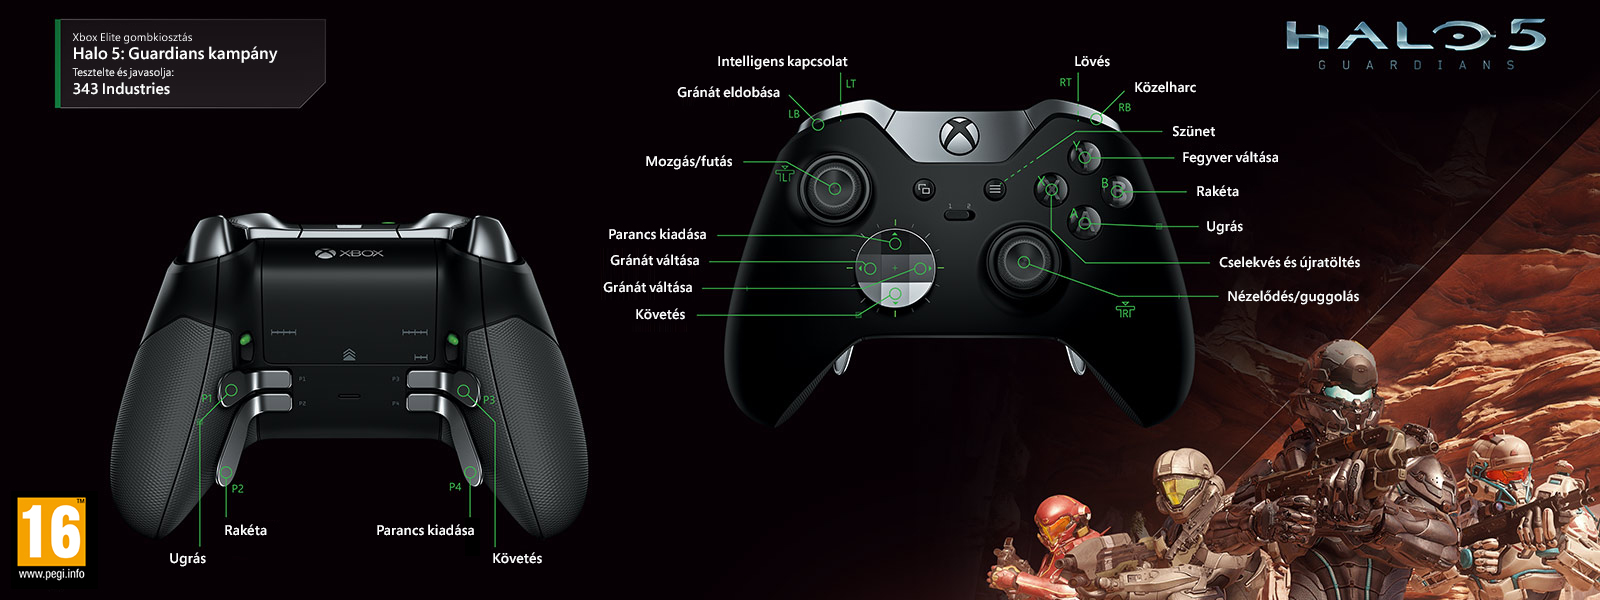 """Halo 5 – Guardians """"kampány"""" Elite-gombkiosztás"""